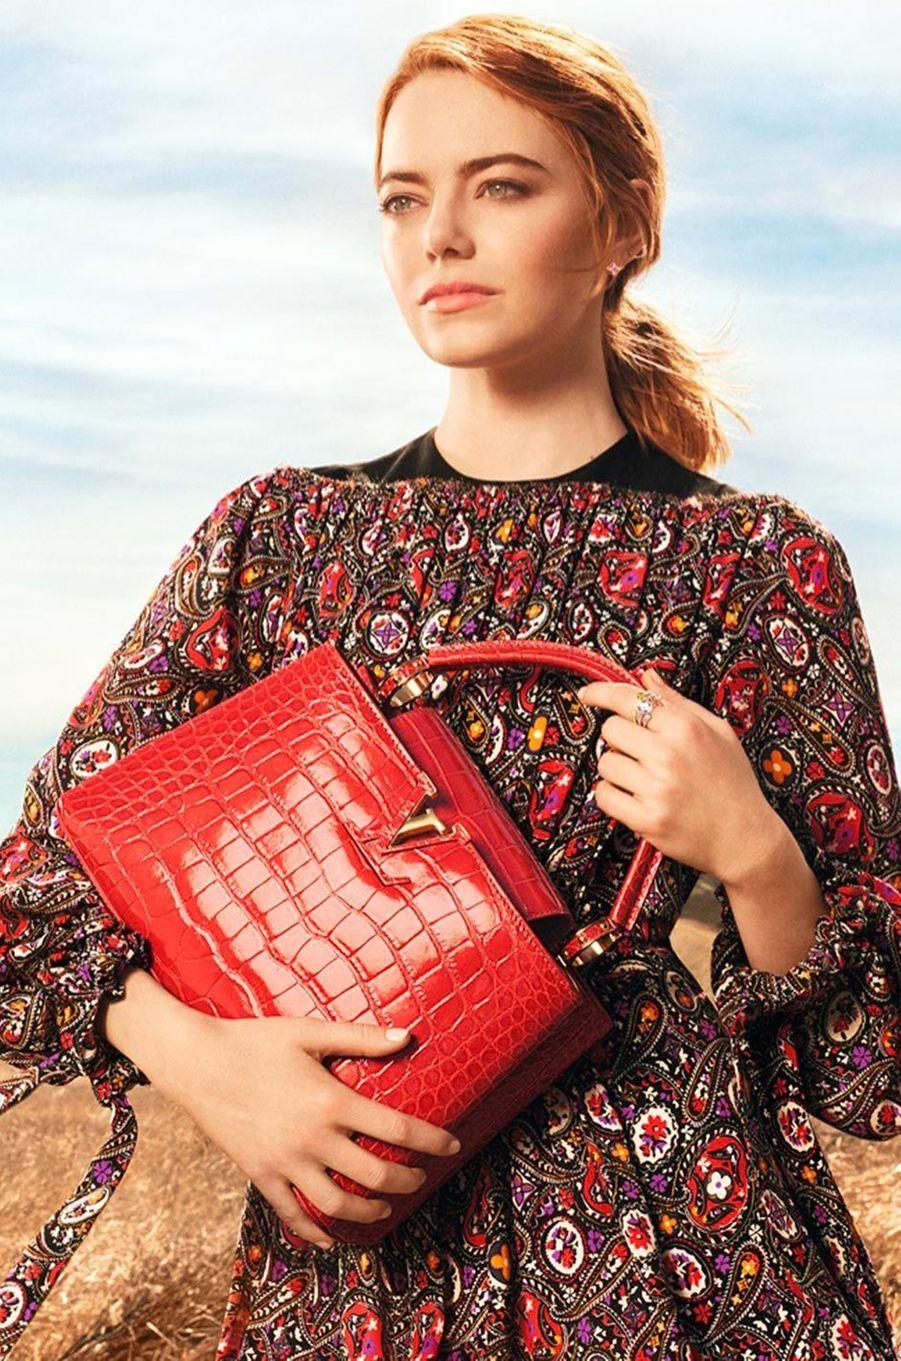 La campagne d'Emma Stone pour Louis Vuitton.